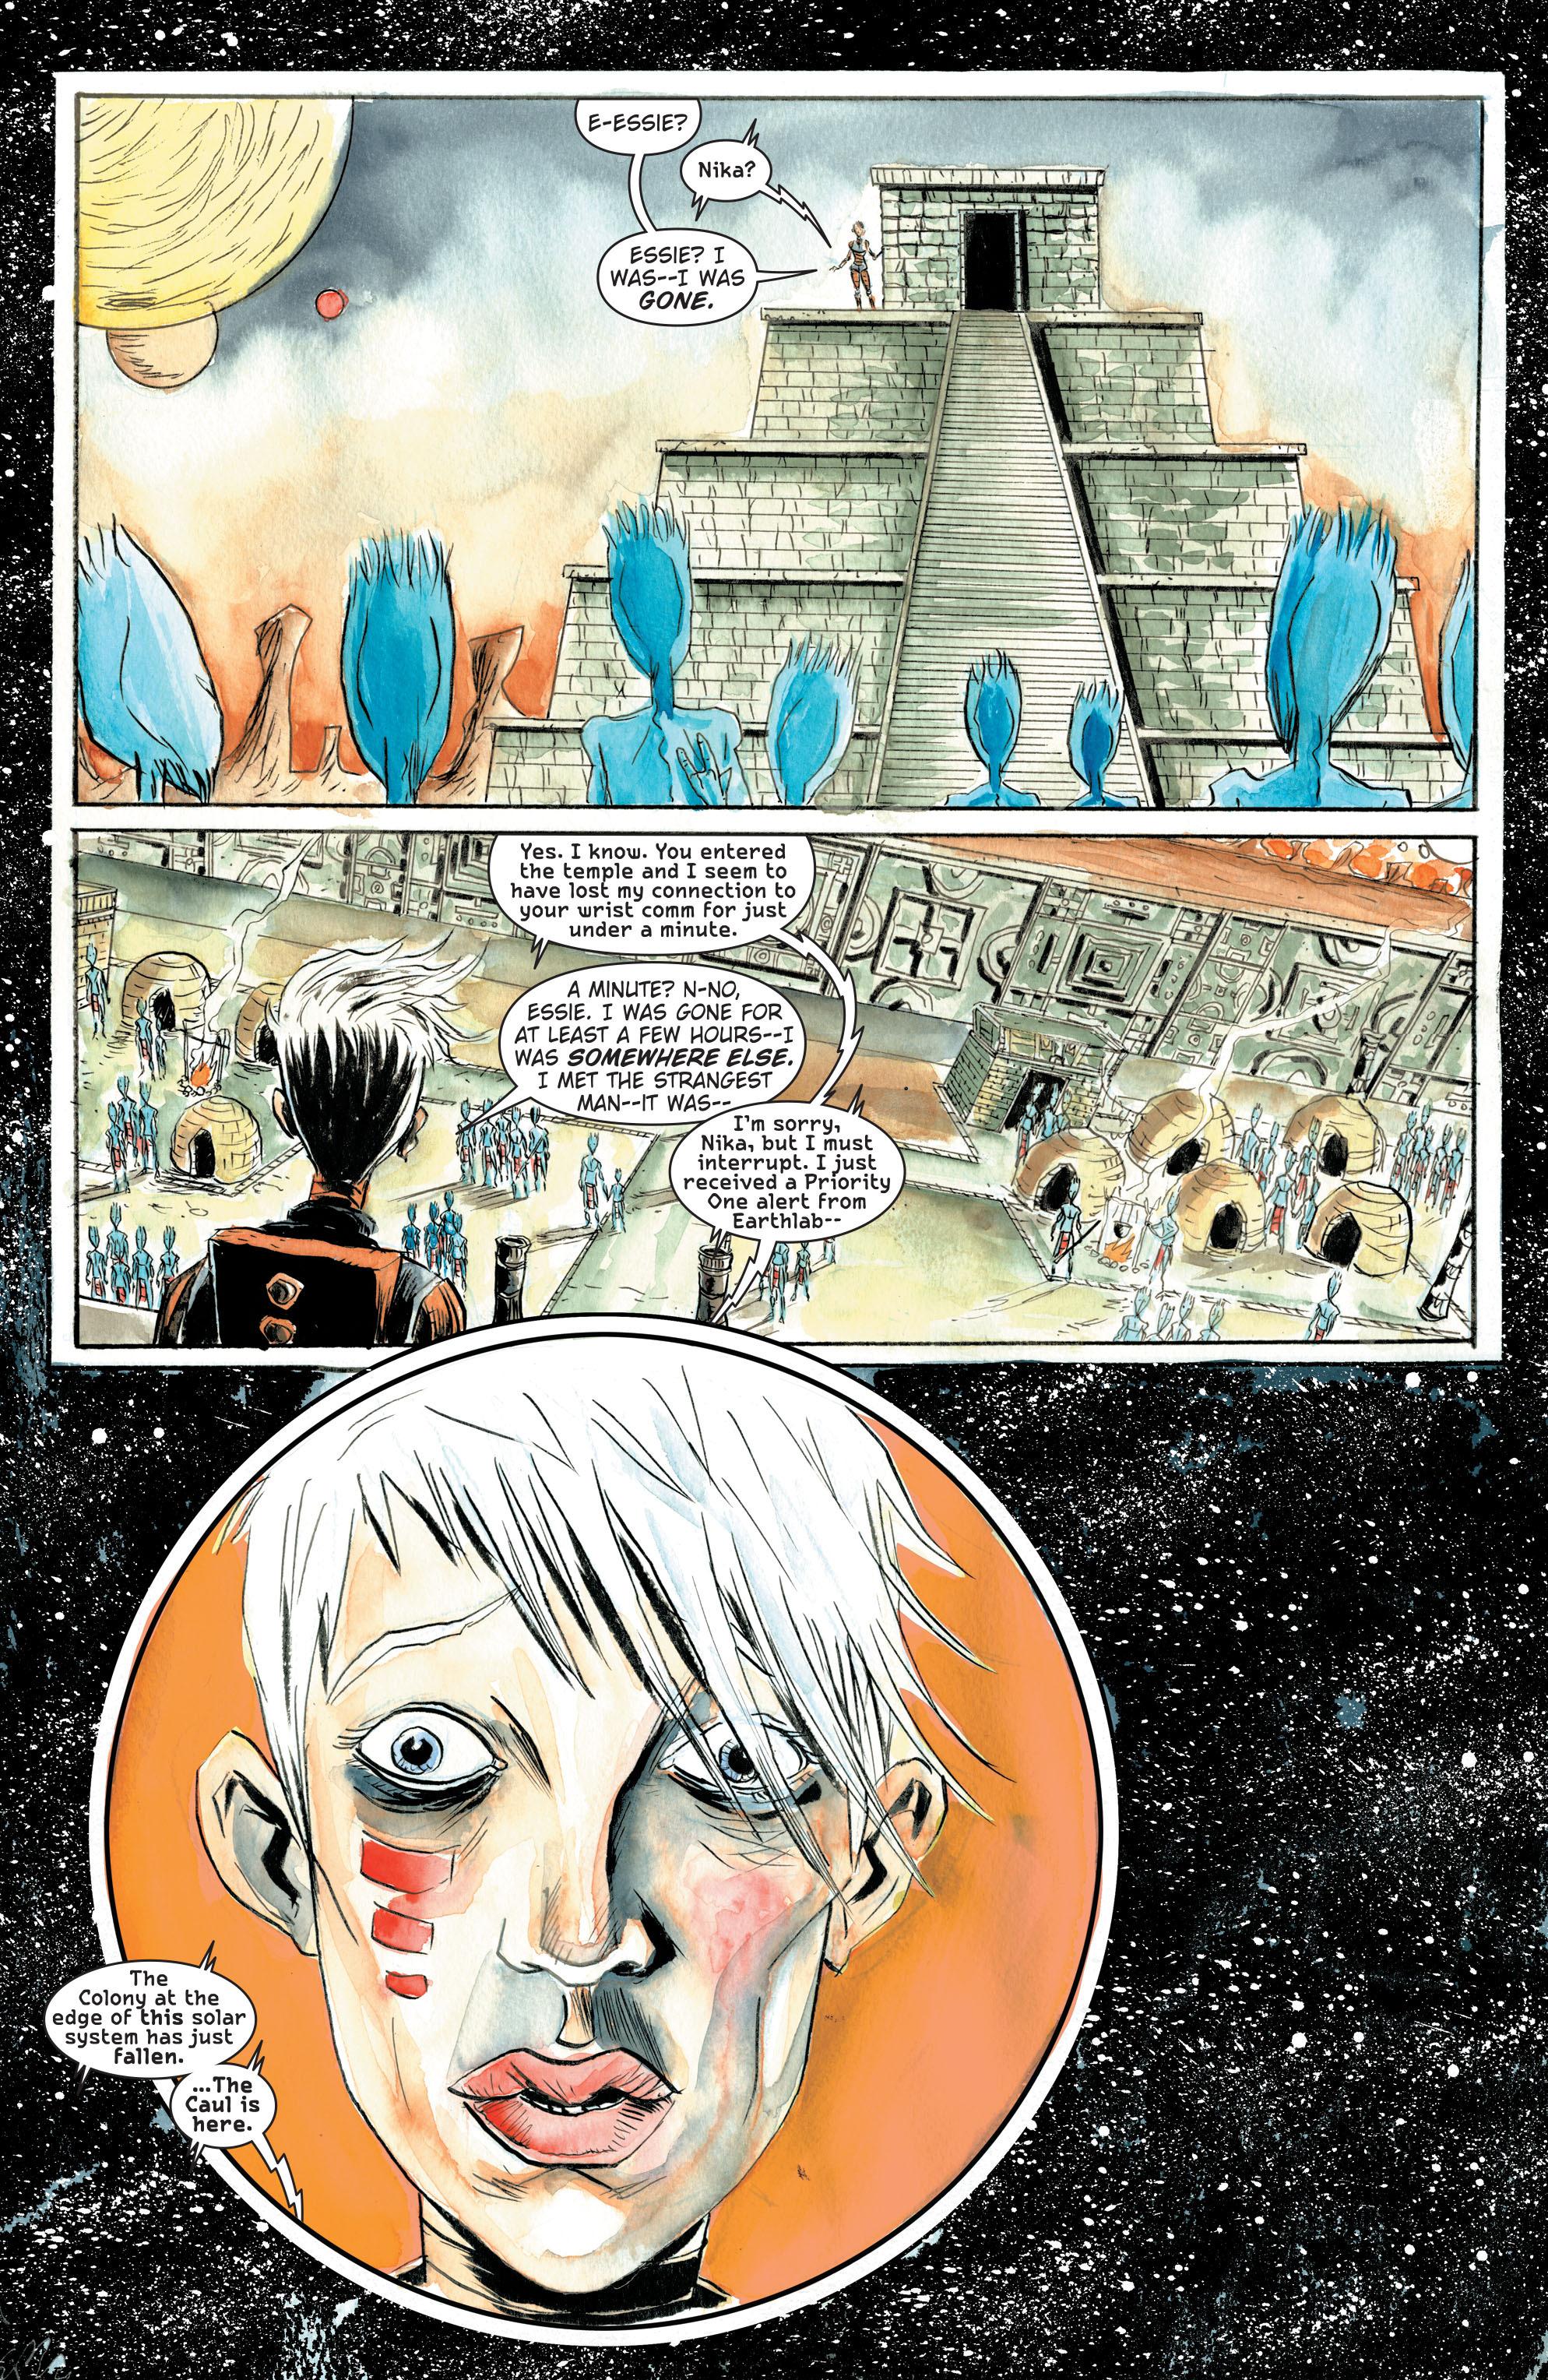 Read online Trillium comic -  Issue # TPB - 54